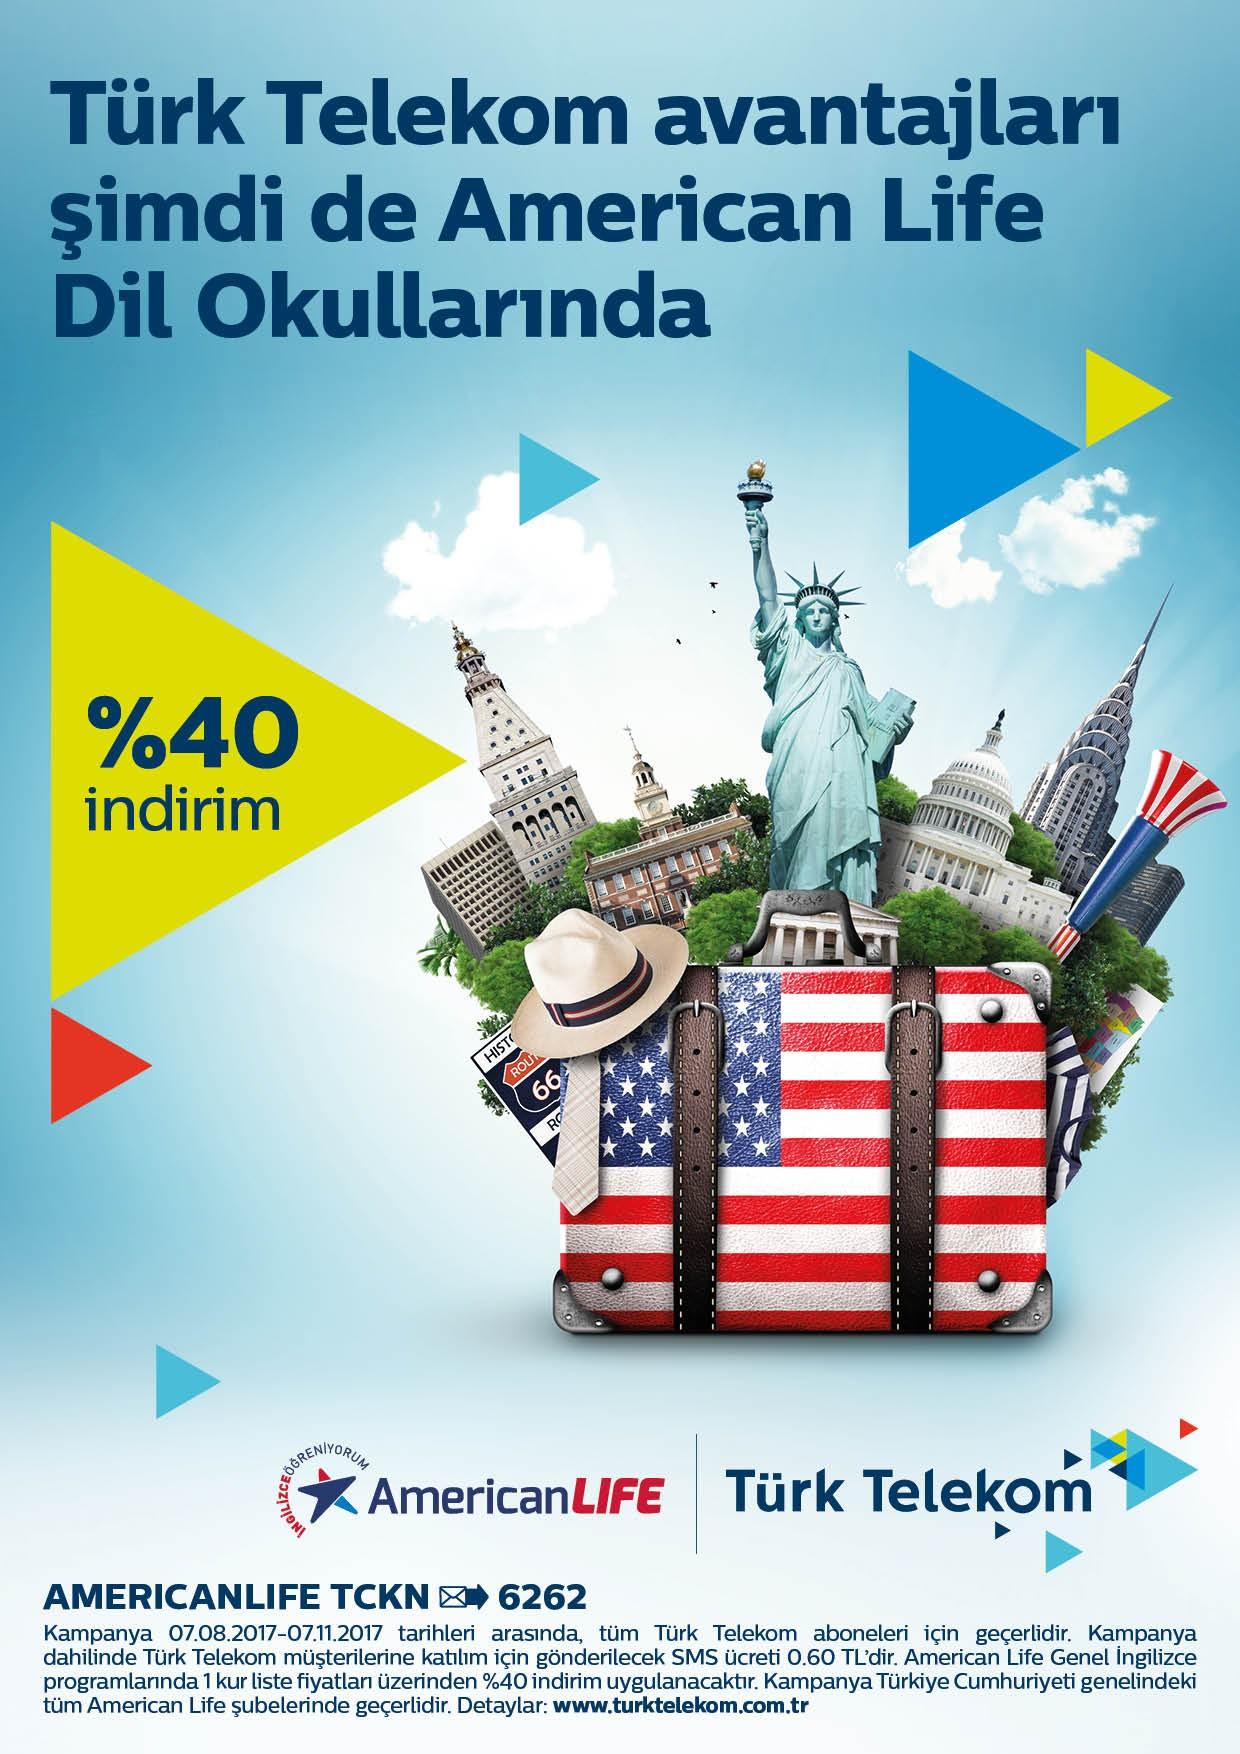 Türk Telekom Avantajları Şimdi American LIFE Dil Okullarında